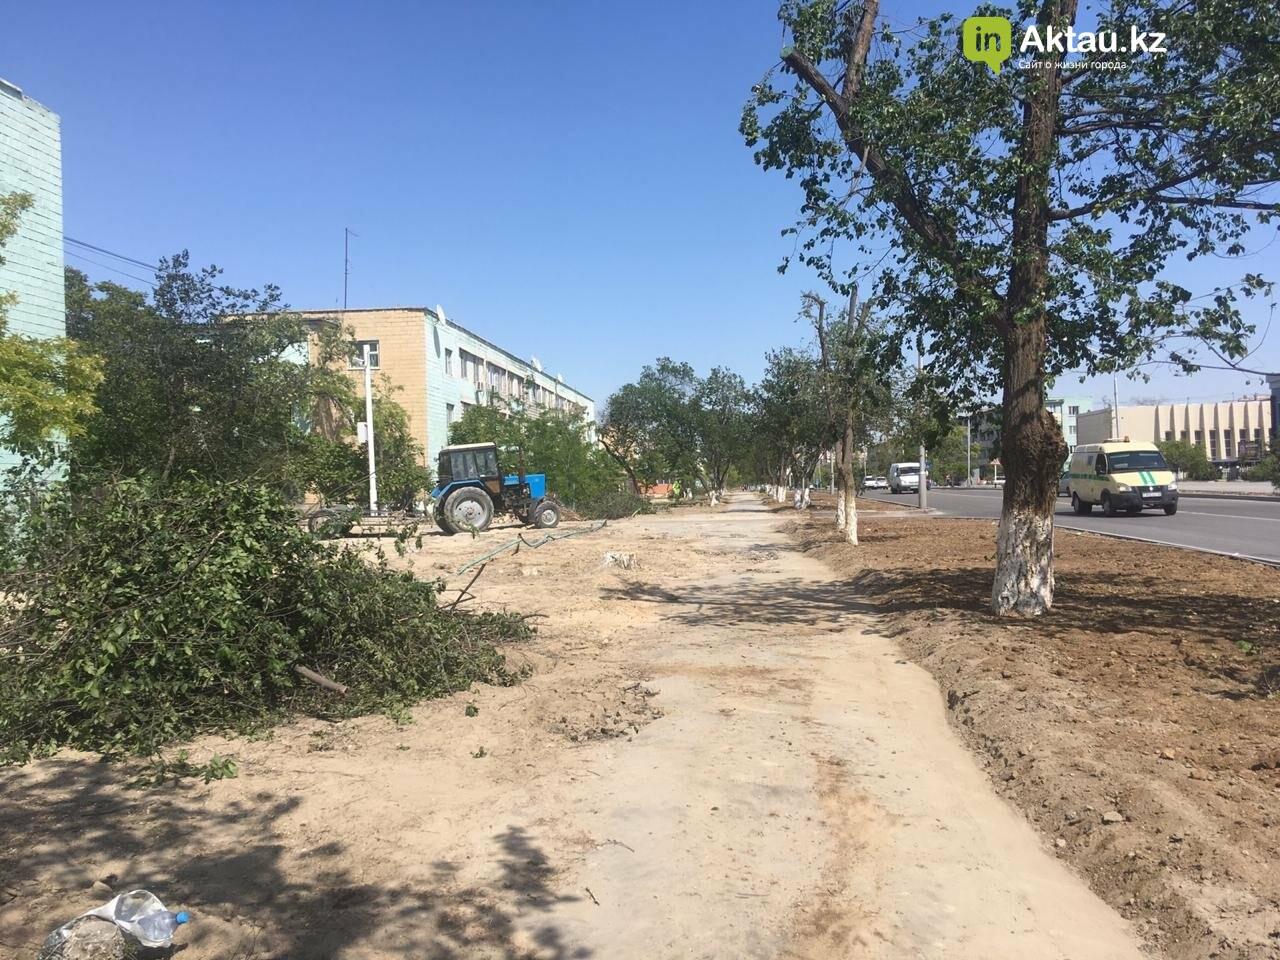 Самую зеленую аллею в Актау может заменить газон, фото-1